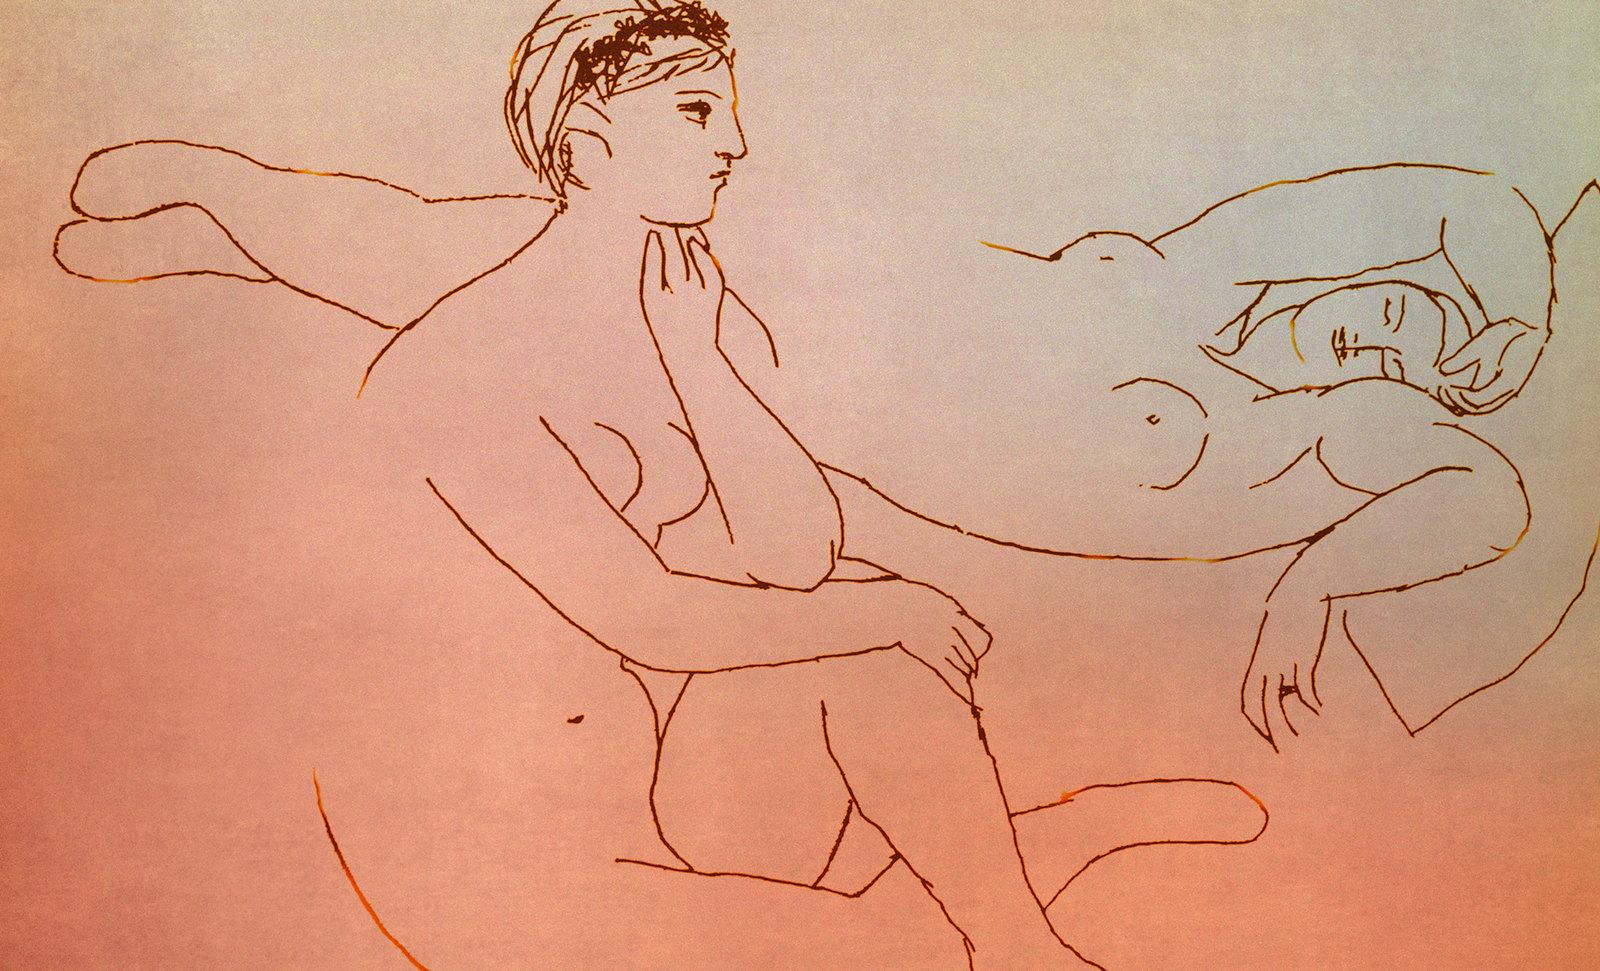 089Pablo Picasso